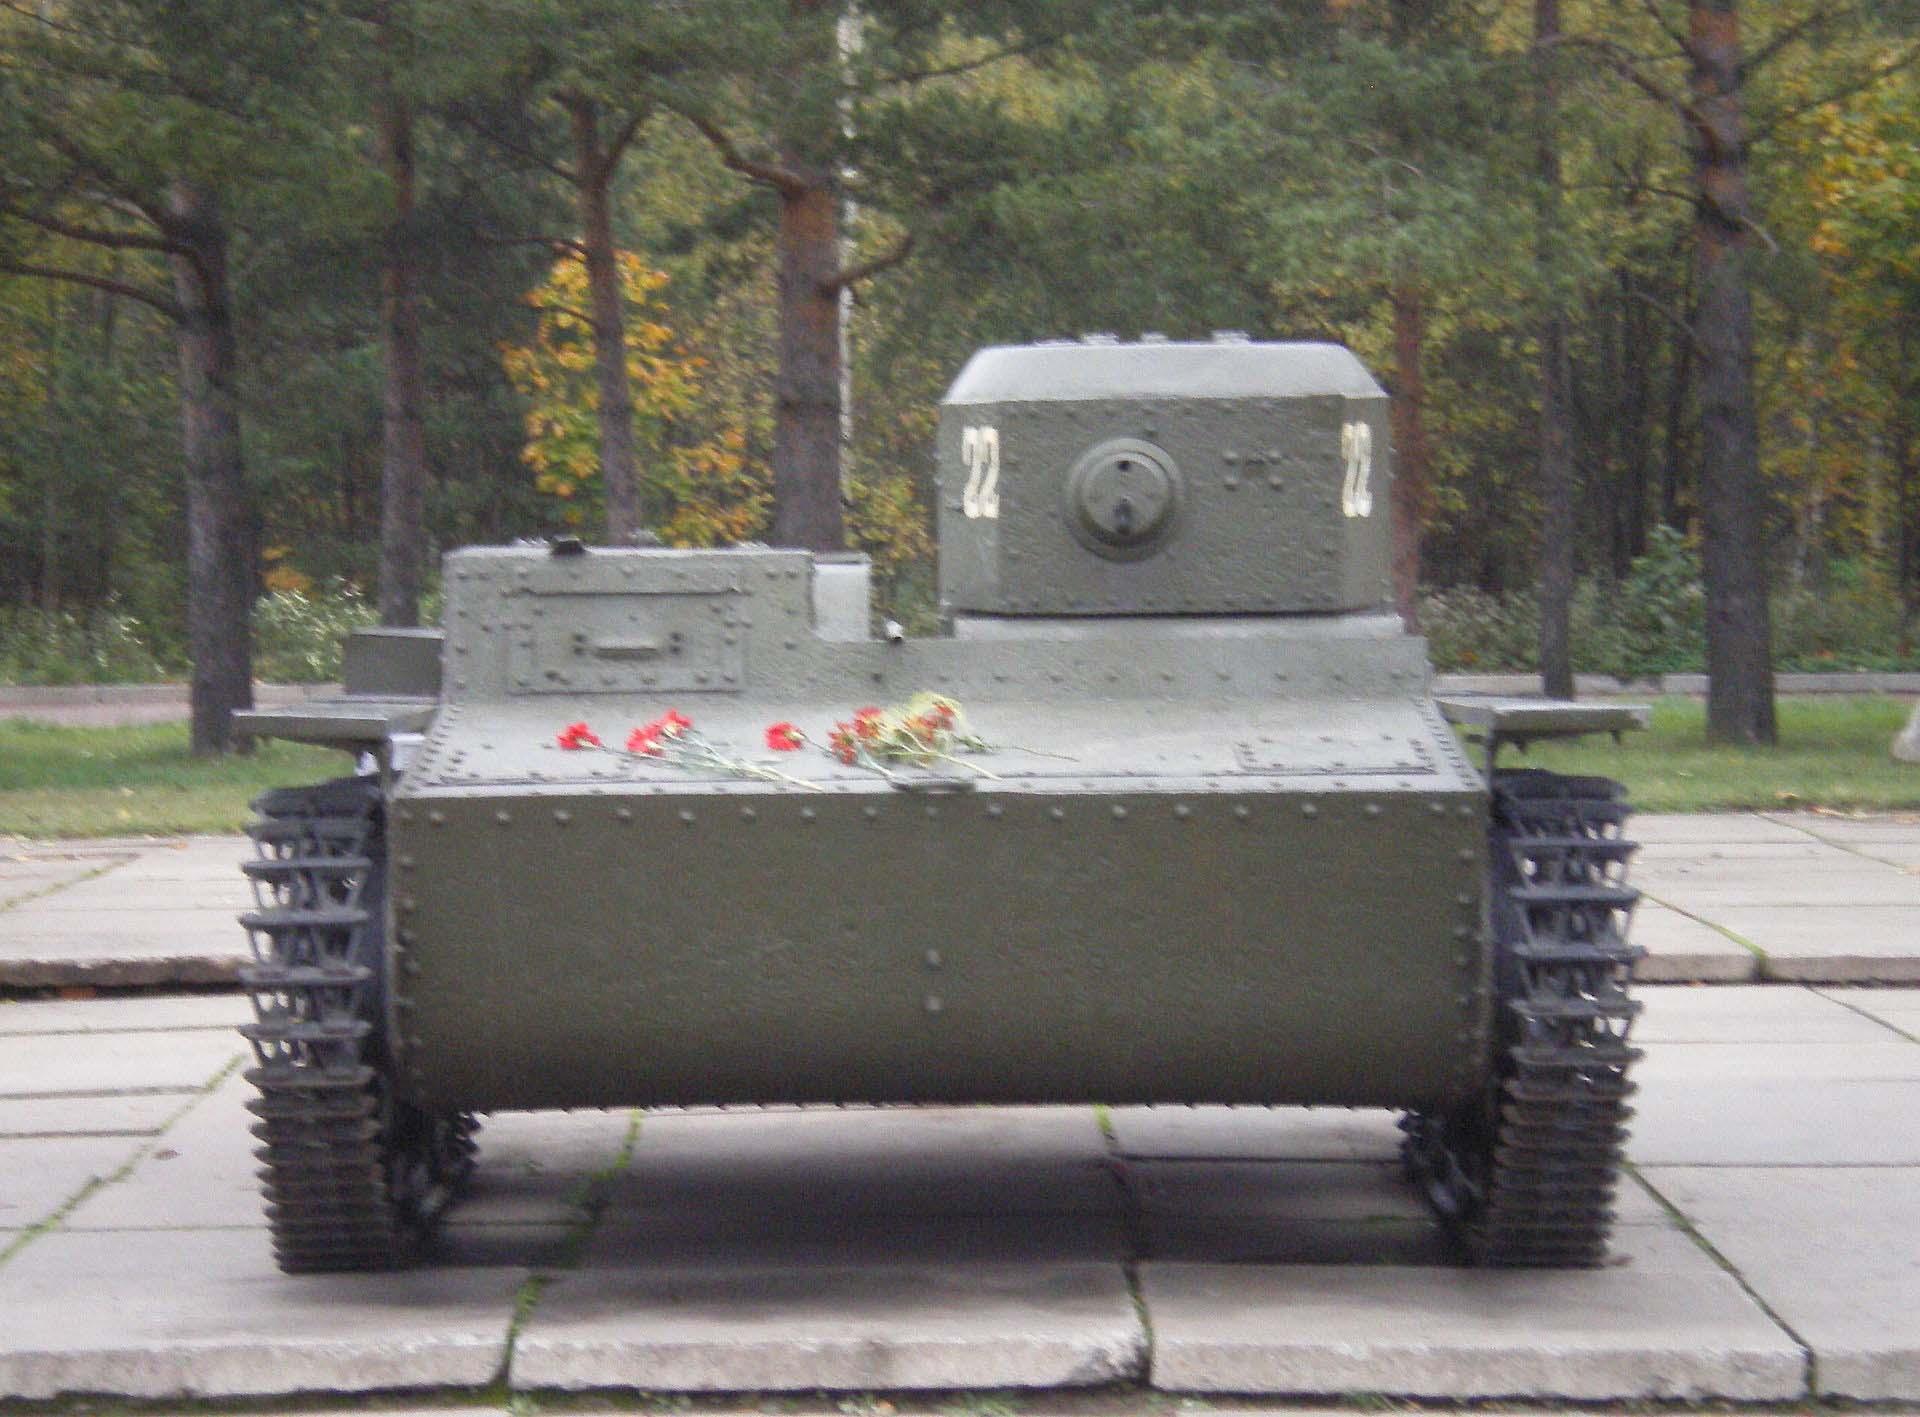 Танк-памятник в Лениградской области. Широкий корпус нужен для лучшей плавучести